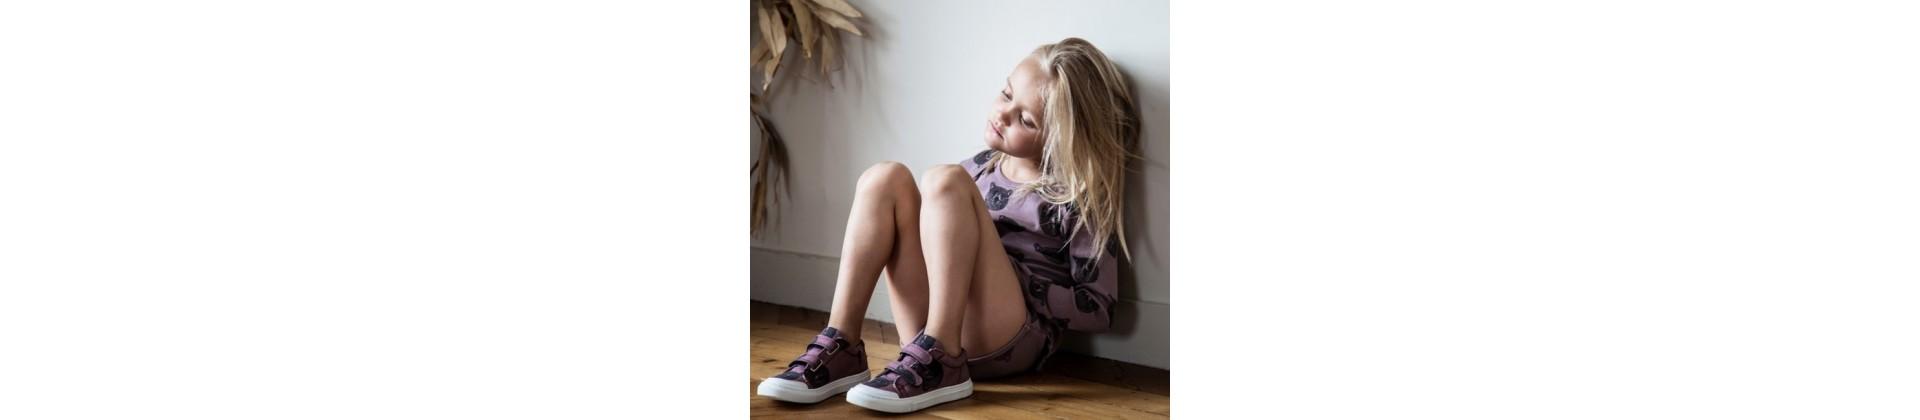 Cadeau fille de 4 à 6 ans : sélection d'idées cadeaux filles 4 ans, 5 ans, 6 ans